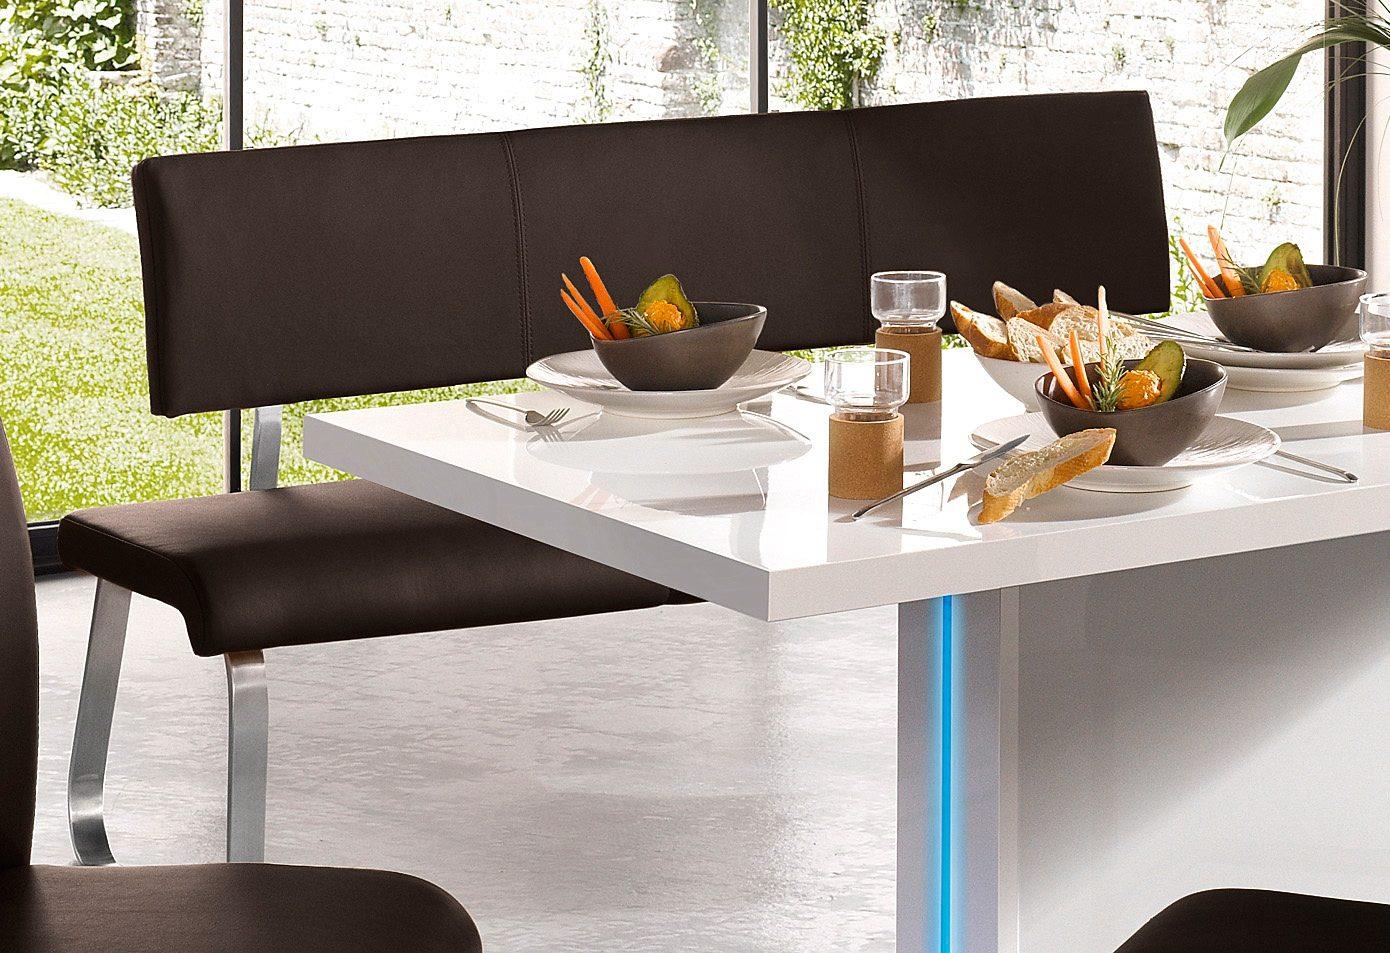 braun-stahl Einfache Sitzbänke online kaufen | Möbel-Suchmaschine ...